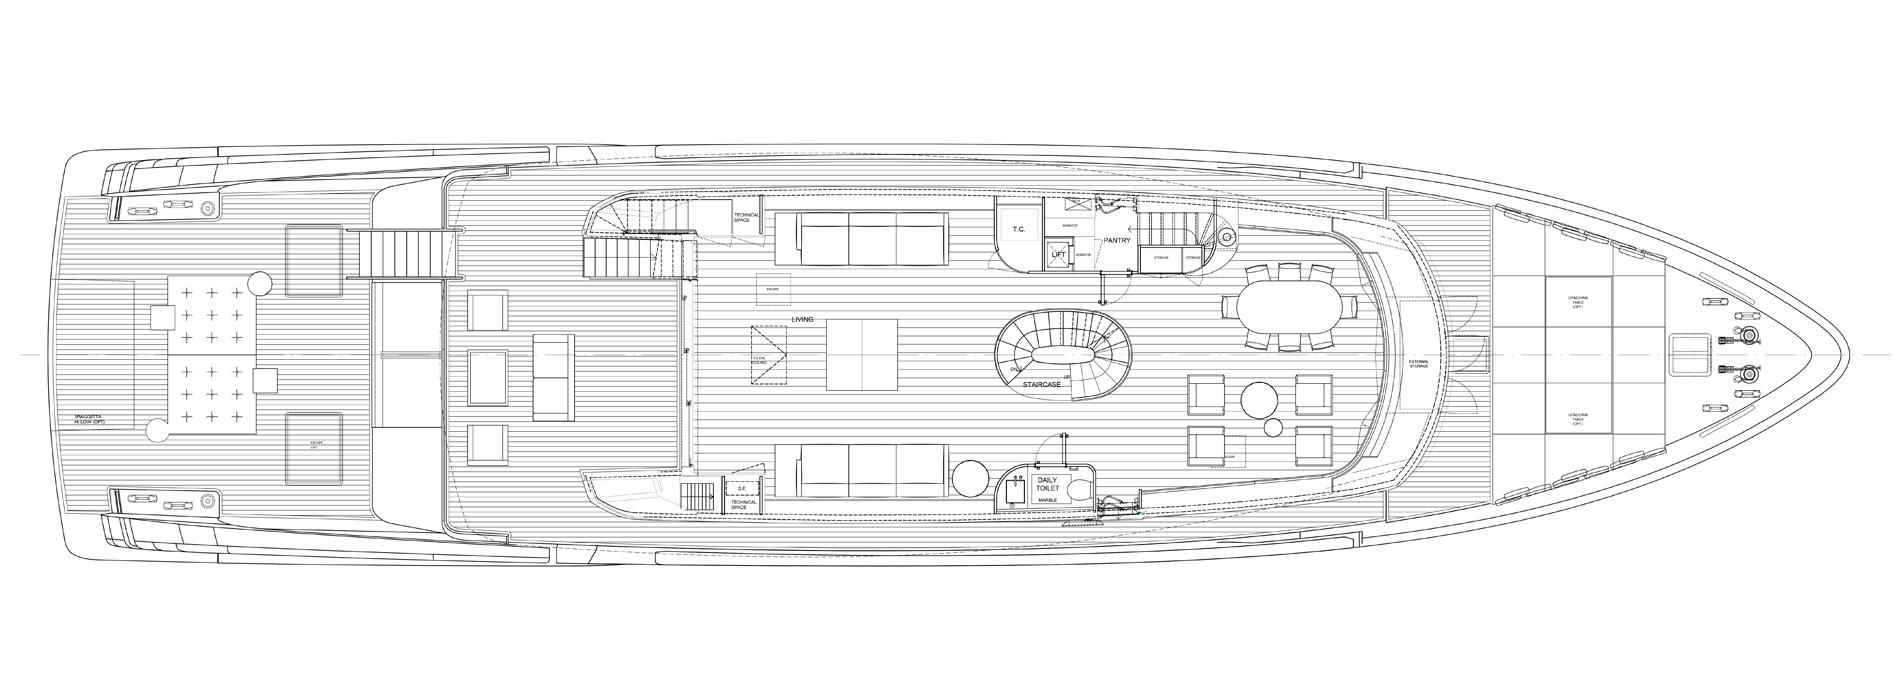 Sanlorenzo Yachts SX112 Cubierta principal versión A